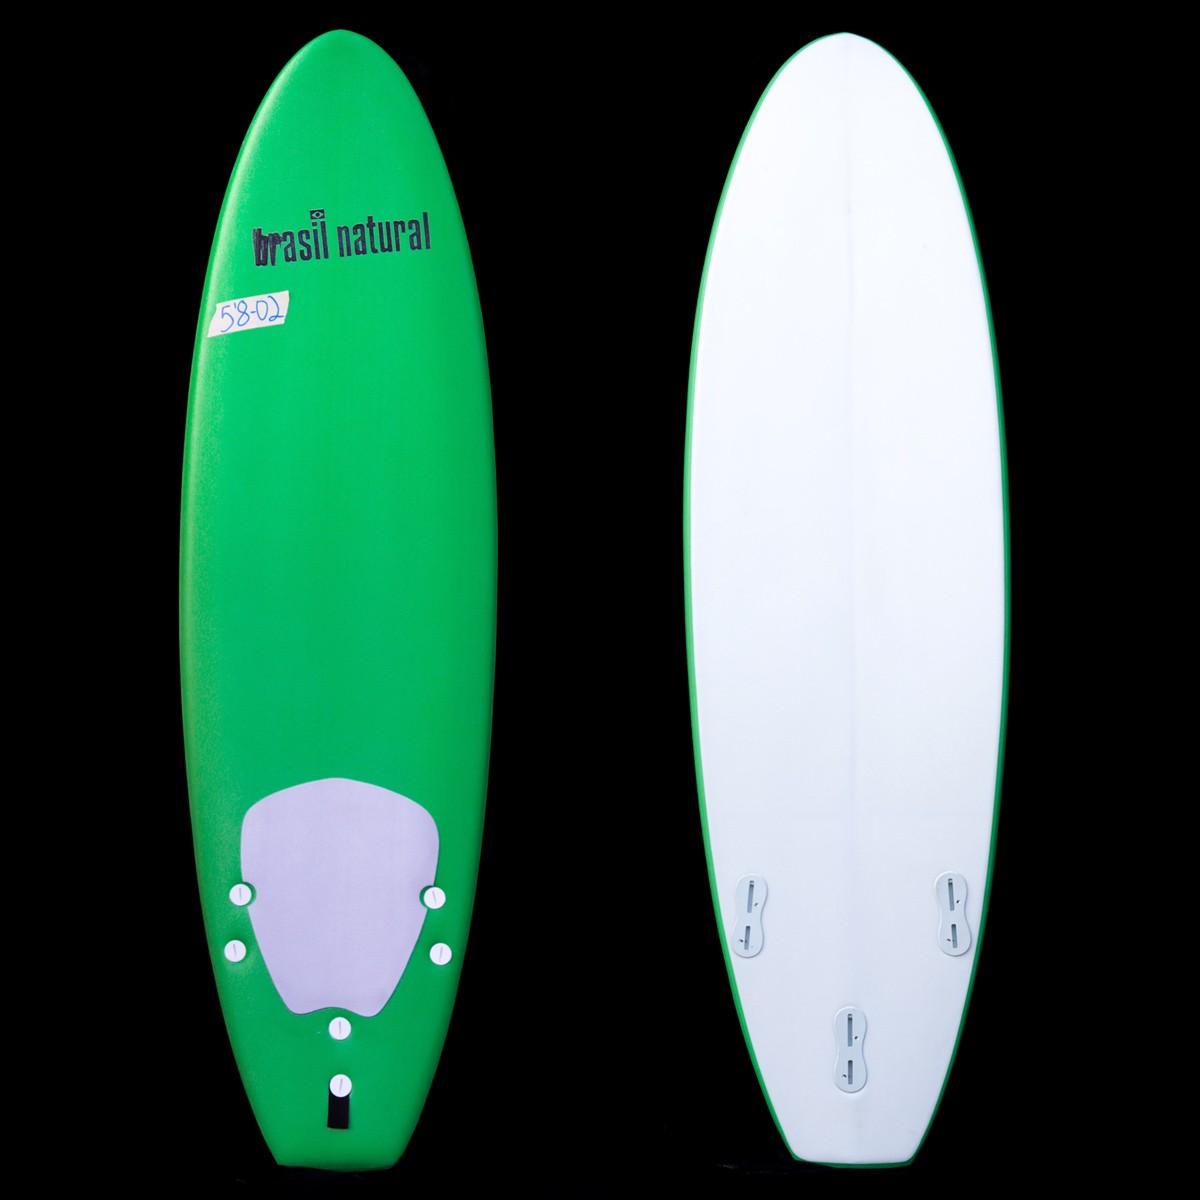 Prancha de surf infantil 5.8 - OUTLET 02